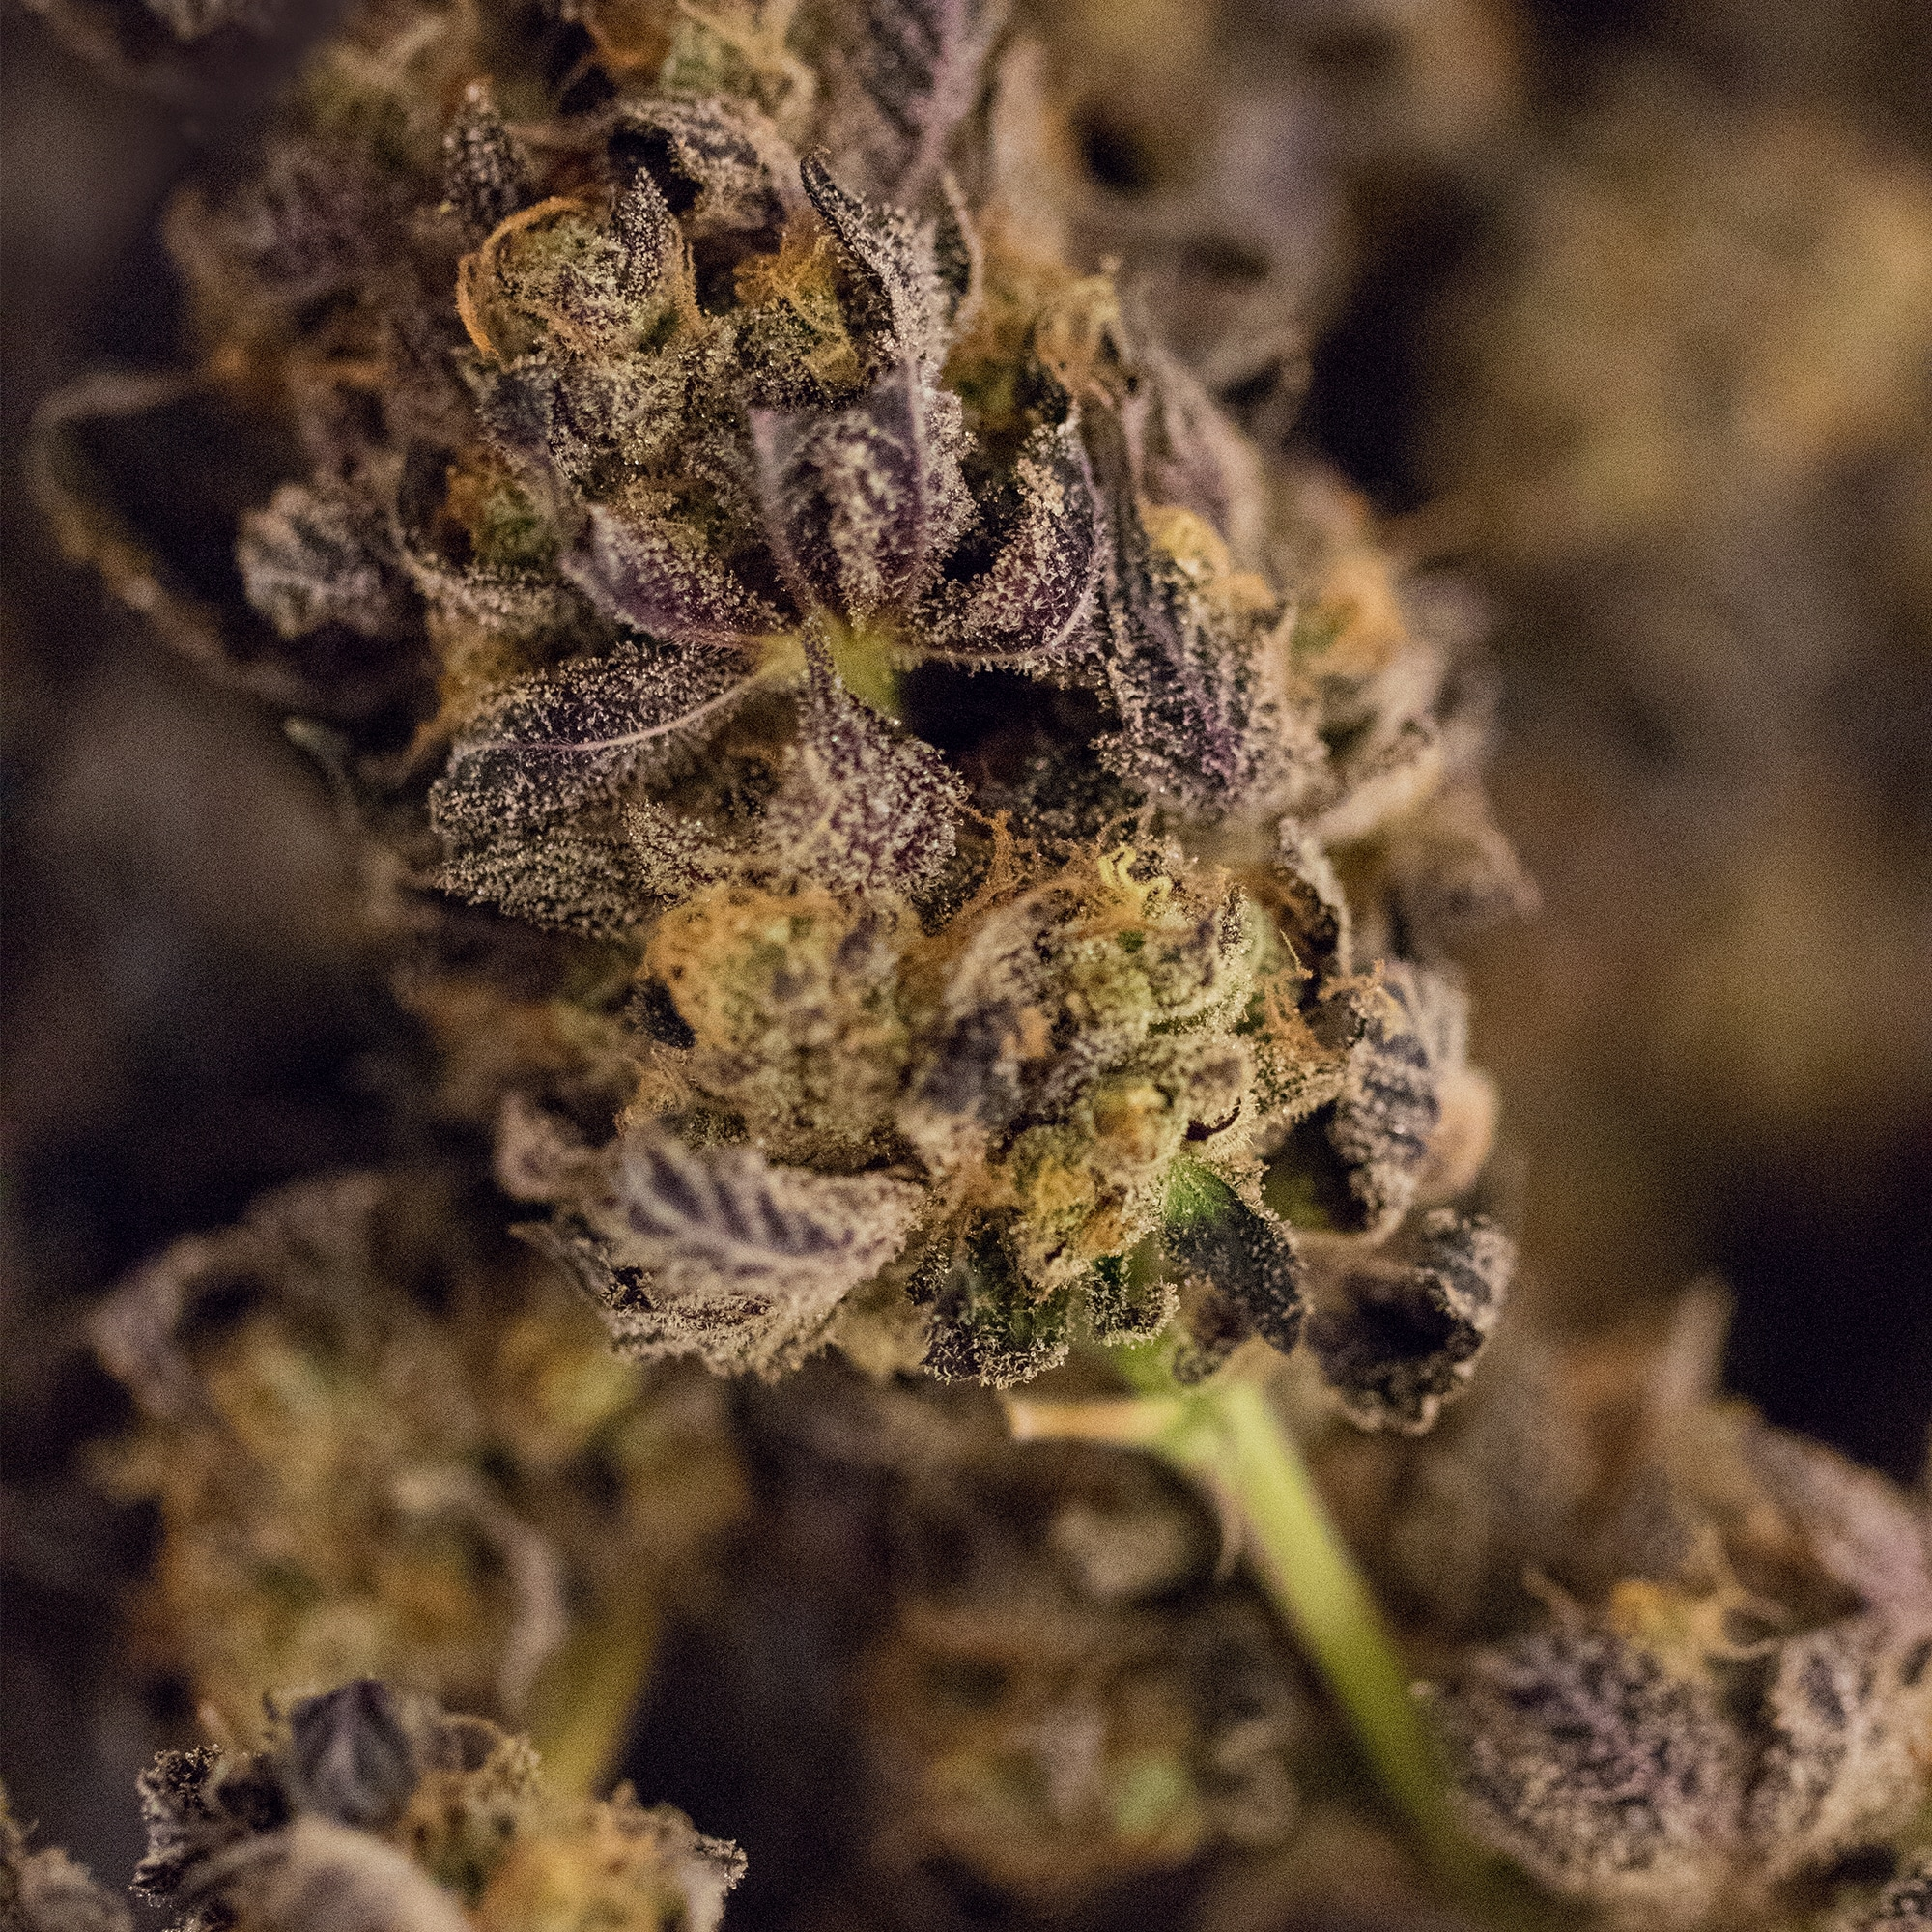 Close up image of marijuana